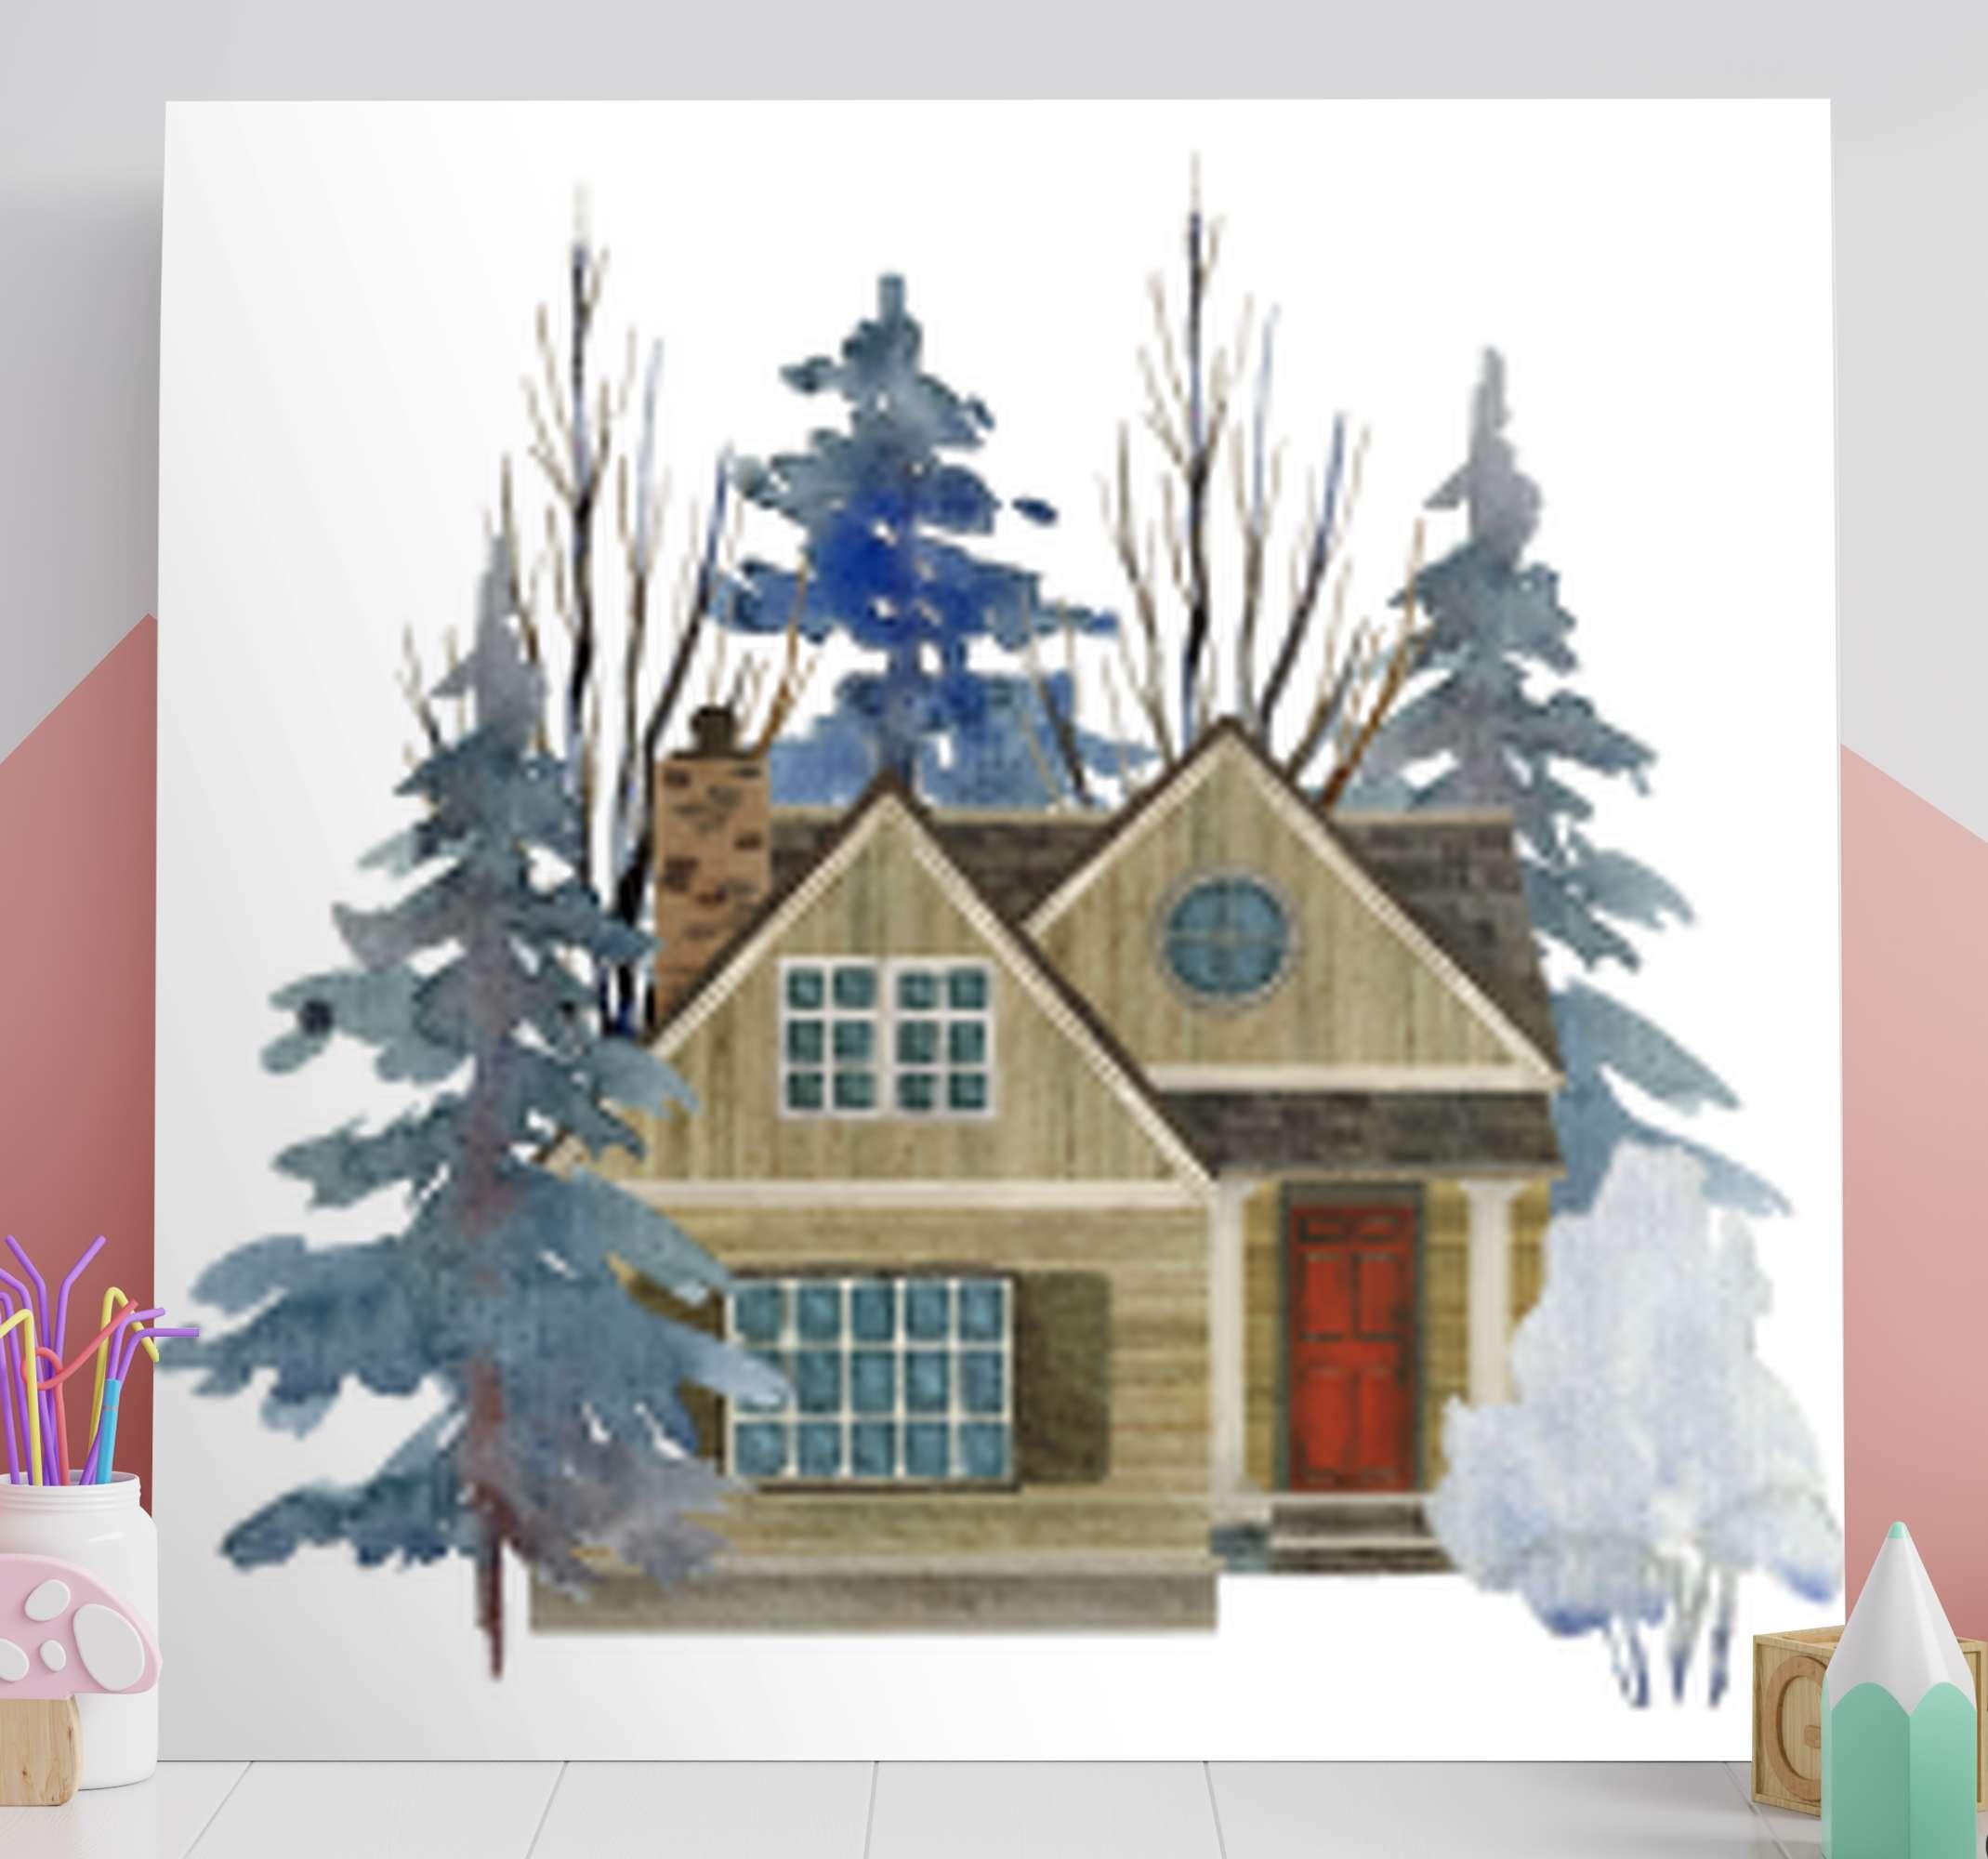 TenStickers. деревенский стиль деревенский холст стены искусства. Эта красивая иллюстрация дома в деревенском стиле на холсте подходит для украшения любой части дома. его можно разместить в гостиной, спальне и т. д.